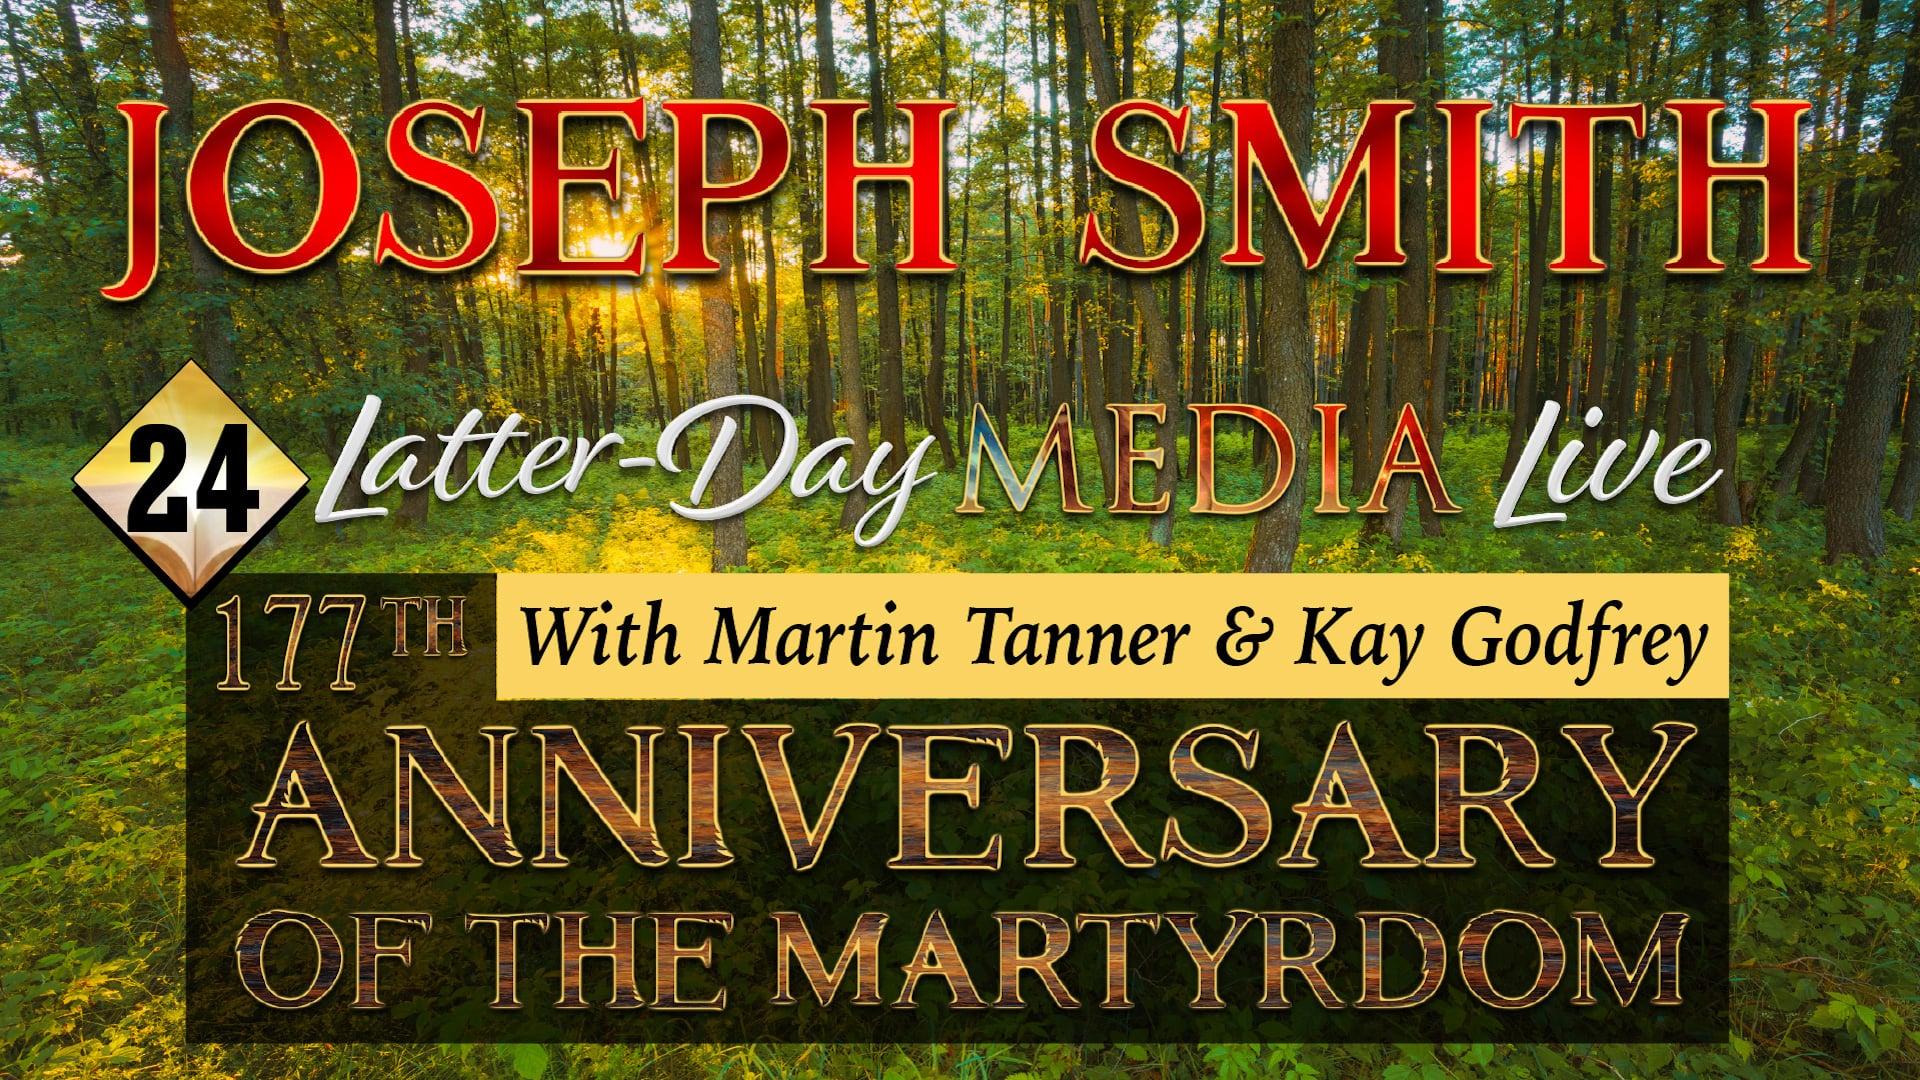 24 Latter-Day Media Live - Kay Godfrey & Martin Tanner